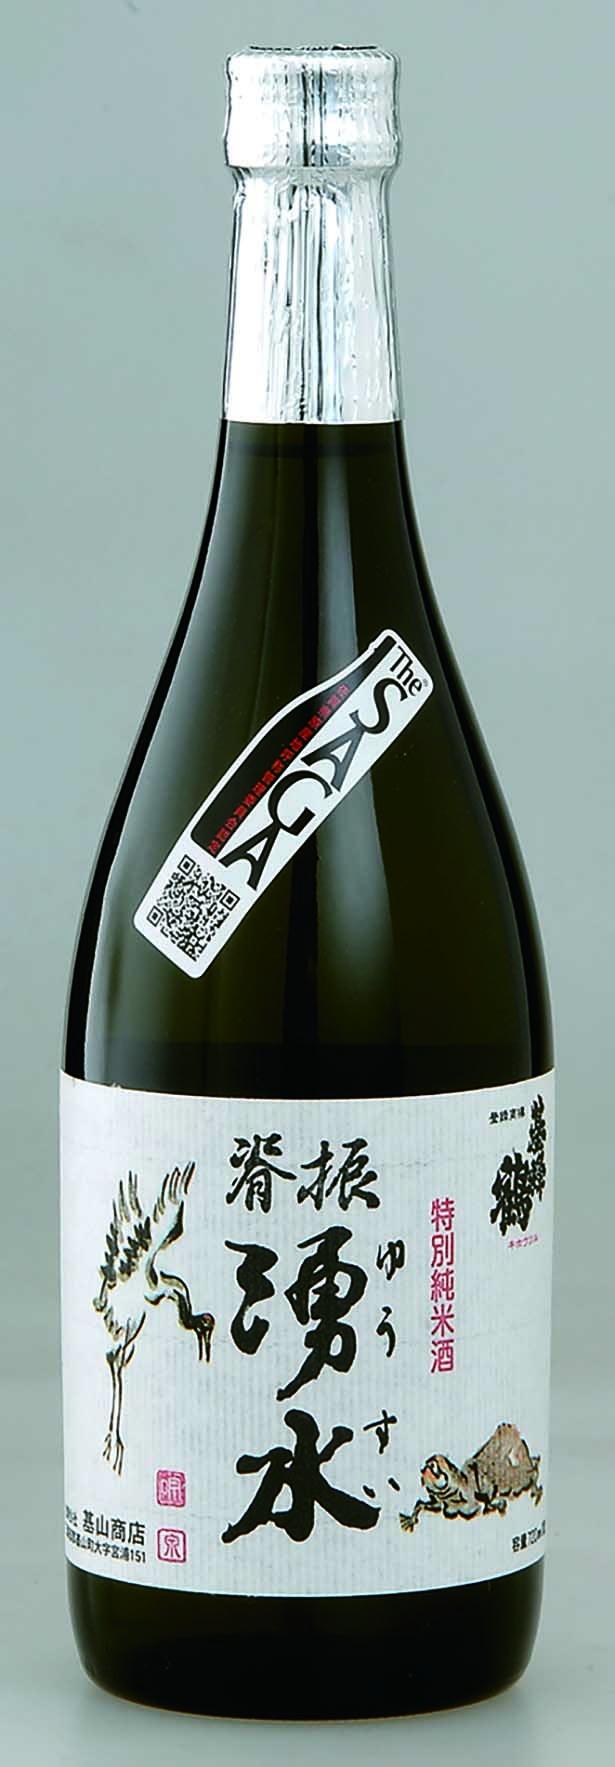 「特別純米 脊振湧水」(基山商店)。「全米日本酒歓評会2019純米部門」でグランプリを受賞。※銘柄は毎月更新されます